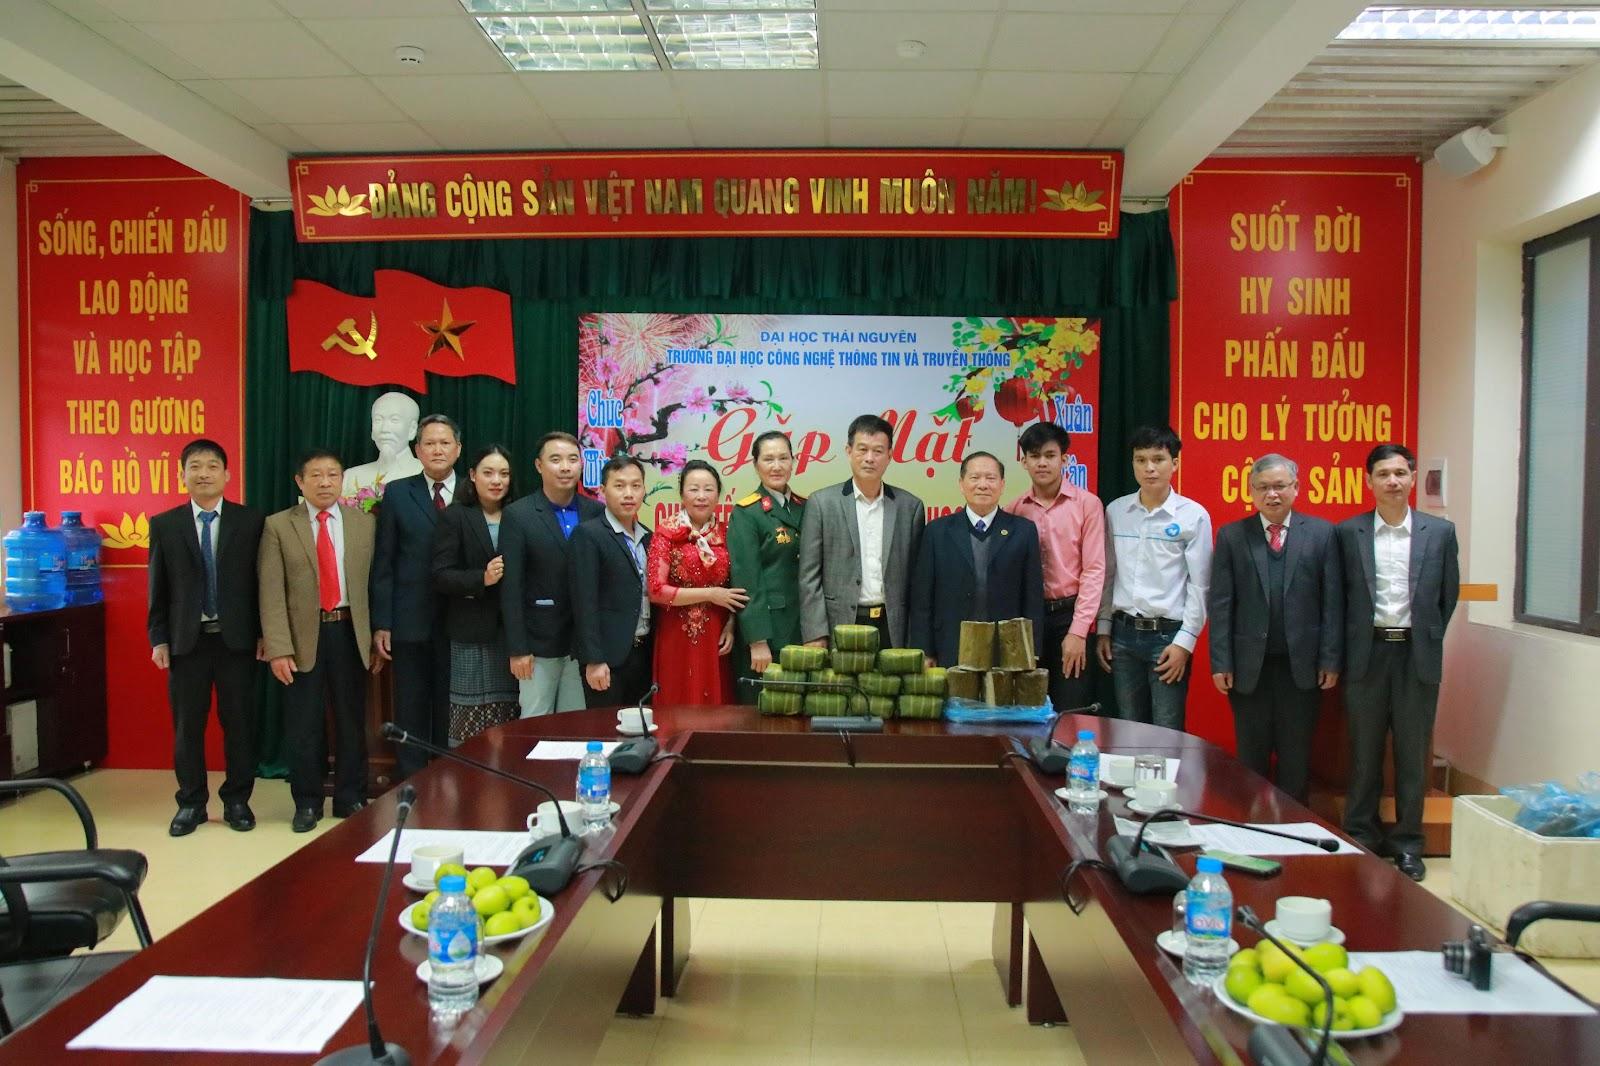 Đại diện Hội Hữu nghị Việt Lào tỉnh Thái Nguyên; Hội Cựu quân nhân tình nguyện và chuyên gia Việt Lào tỉnh Thái Nguyên tặng quà tết cho các LHS.